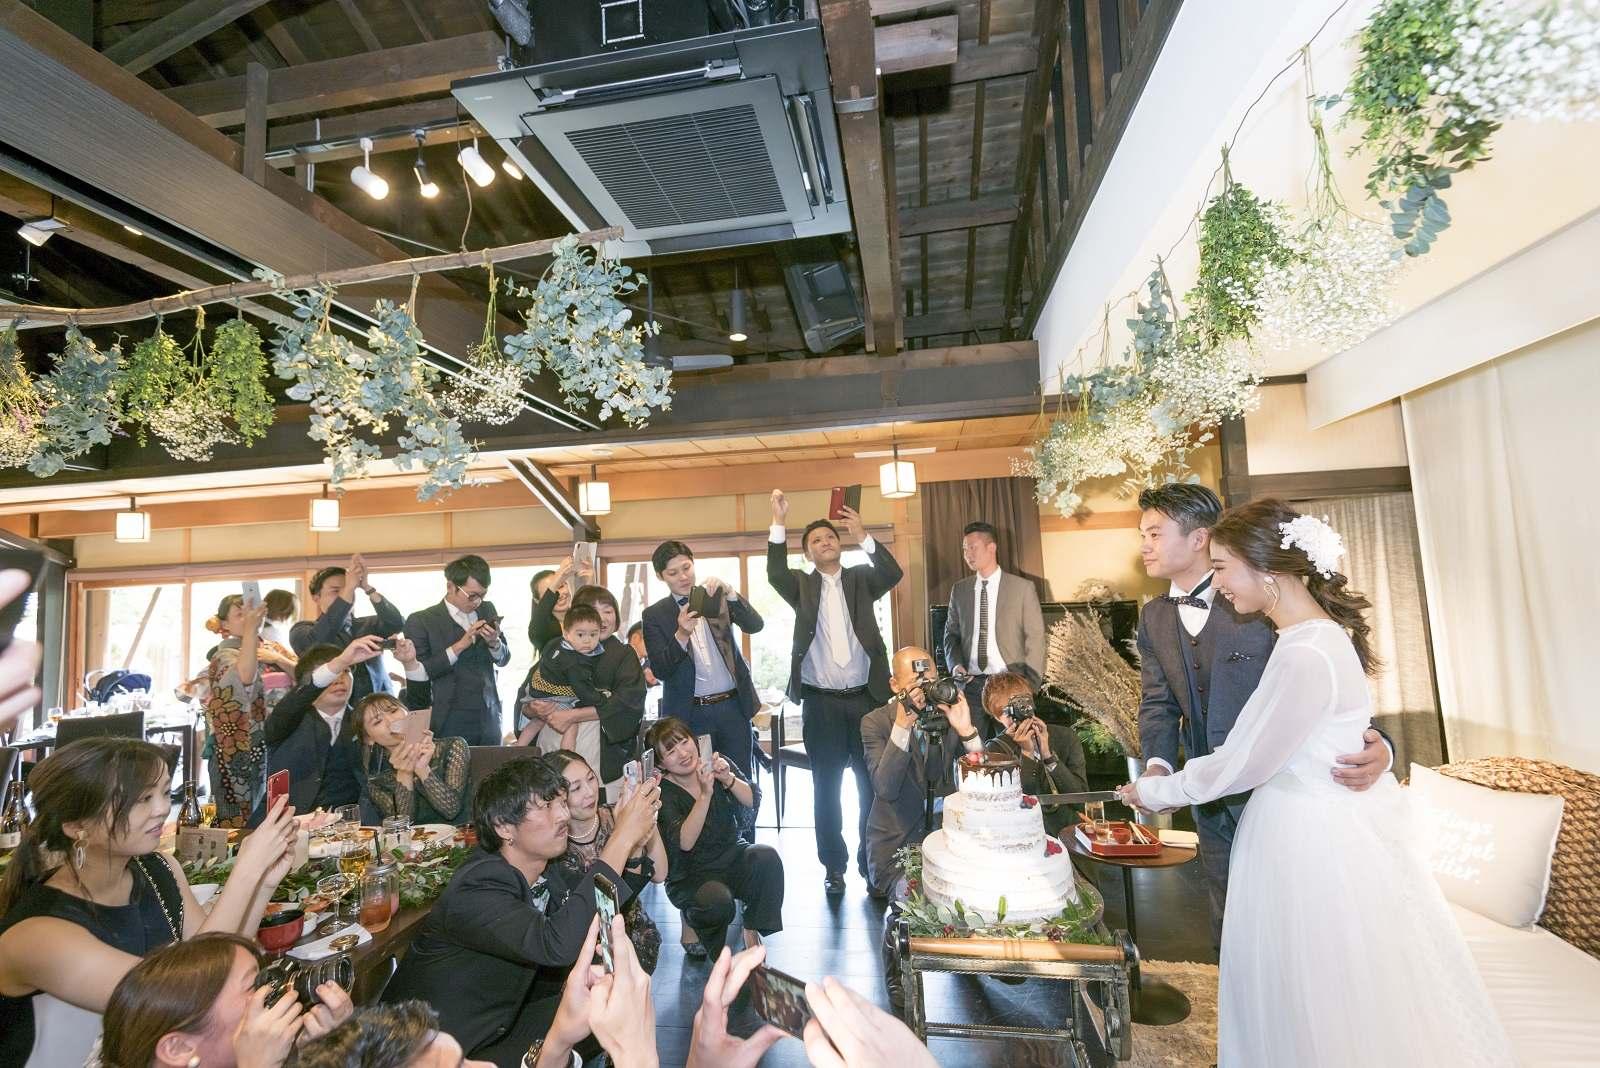 香川県高松市の小さな結婚式相談カウンターマリマリコンシェルジュのご紹介式場 弓絃葉でケーキ入刀